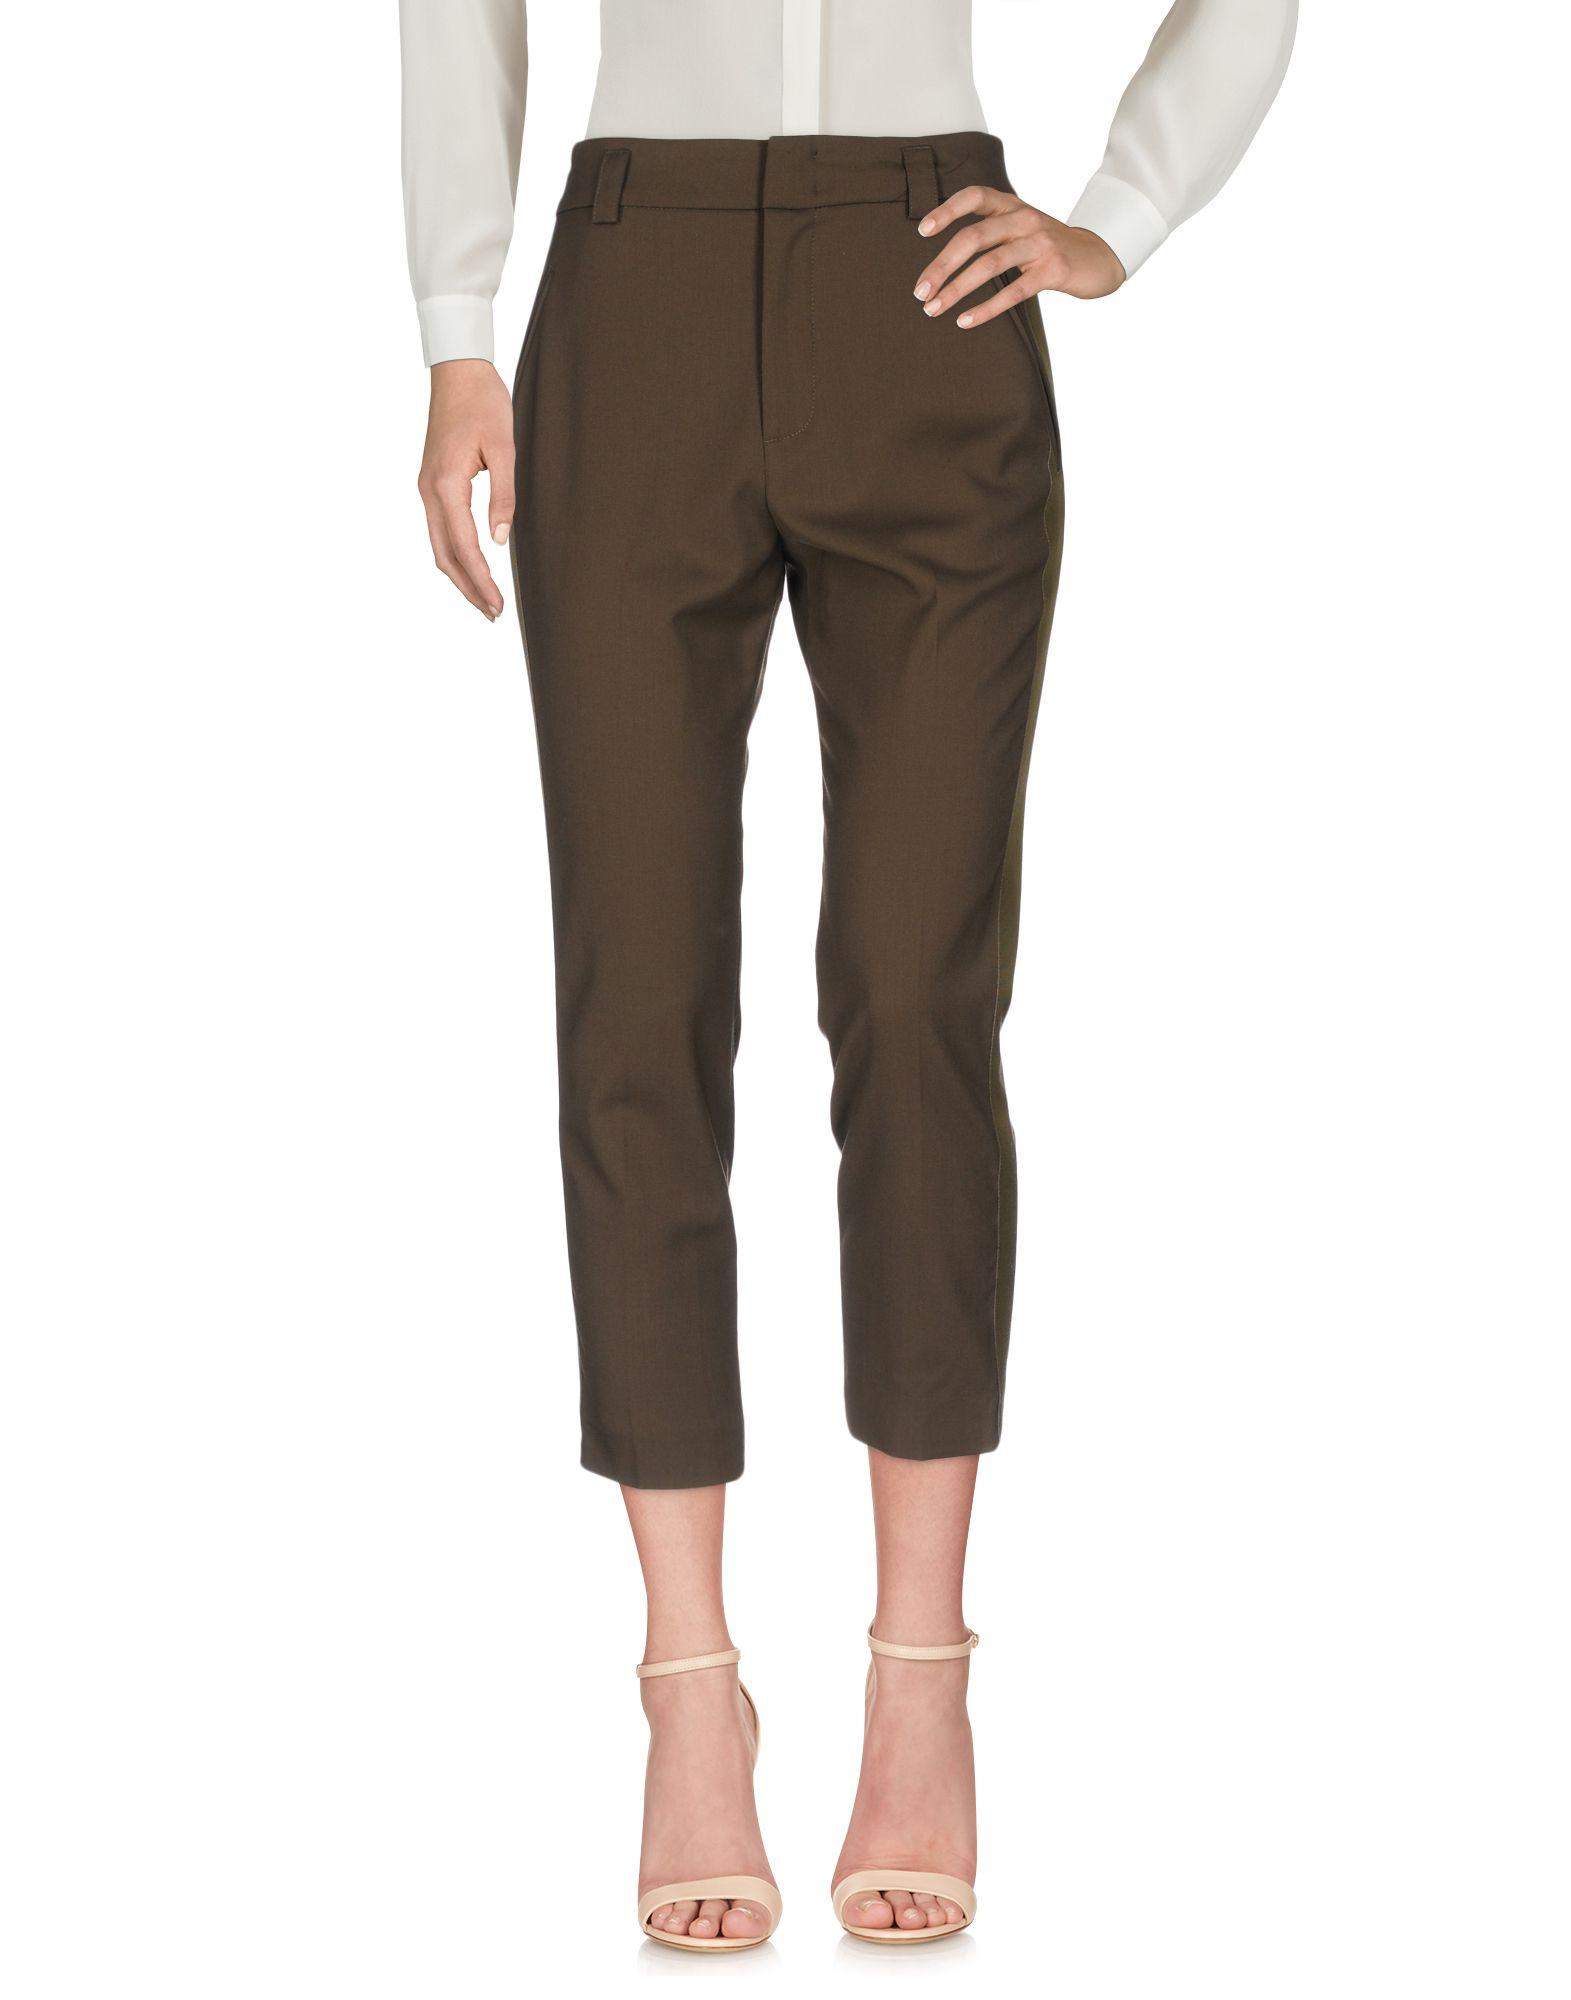 Pantalone Pinko Donna - Acquista online su 4kQ1IdHIA6